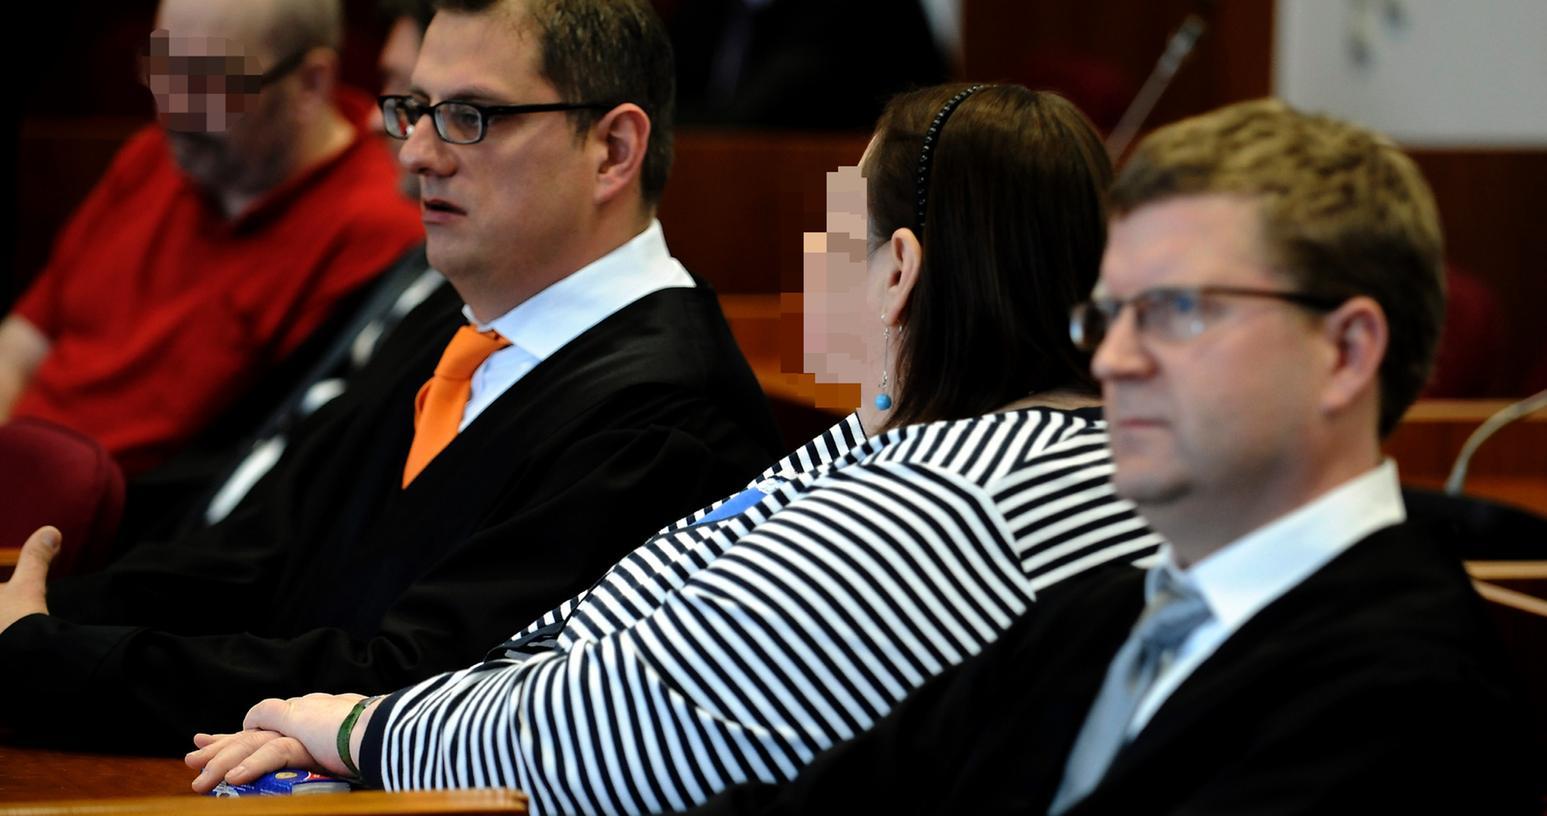 Die im Prozess um den gewaltsamen Tod des neunjährigen Pflegekindes Anna angeklagte Petra W. sitzt im Landgericht in Bonn an ihrem Platz im Gerichtssaal zwischen ihren Anwaelten Carsten Rubarth (3.v.r.) und Christian Breuer (r.). Ihr mitangeklagter Ehemann Ralf W. sitzt im Hintergrund.